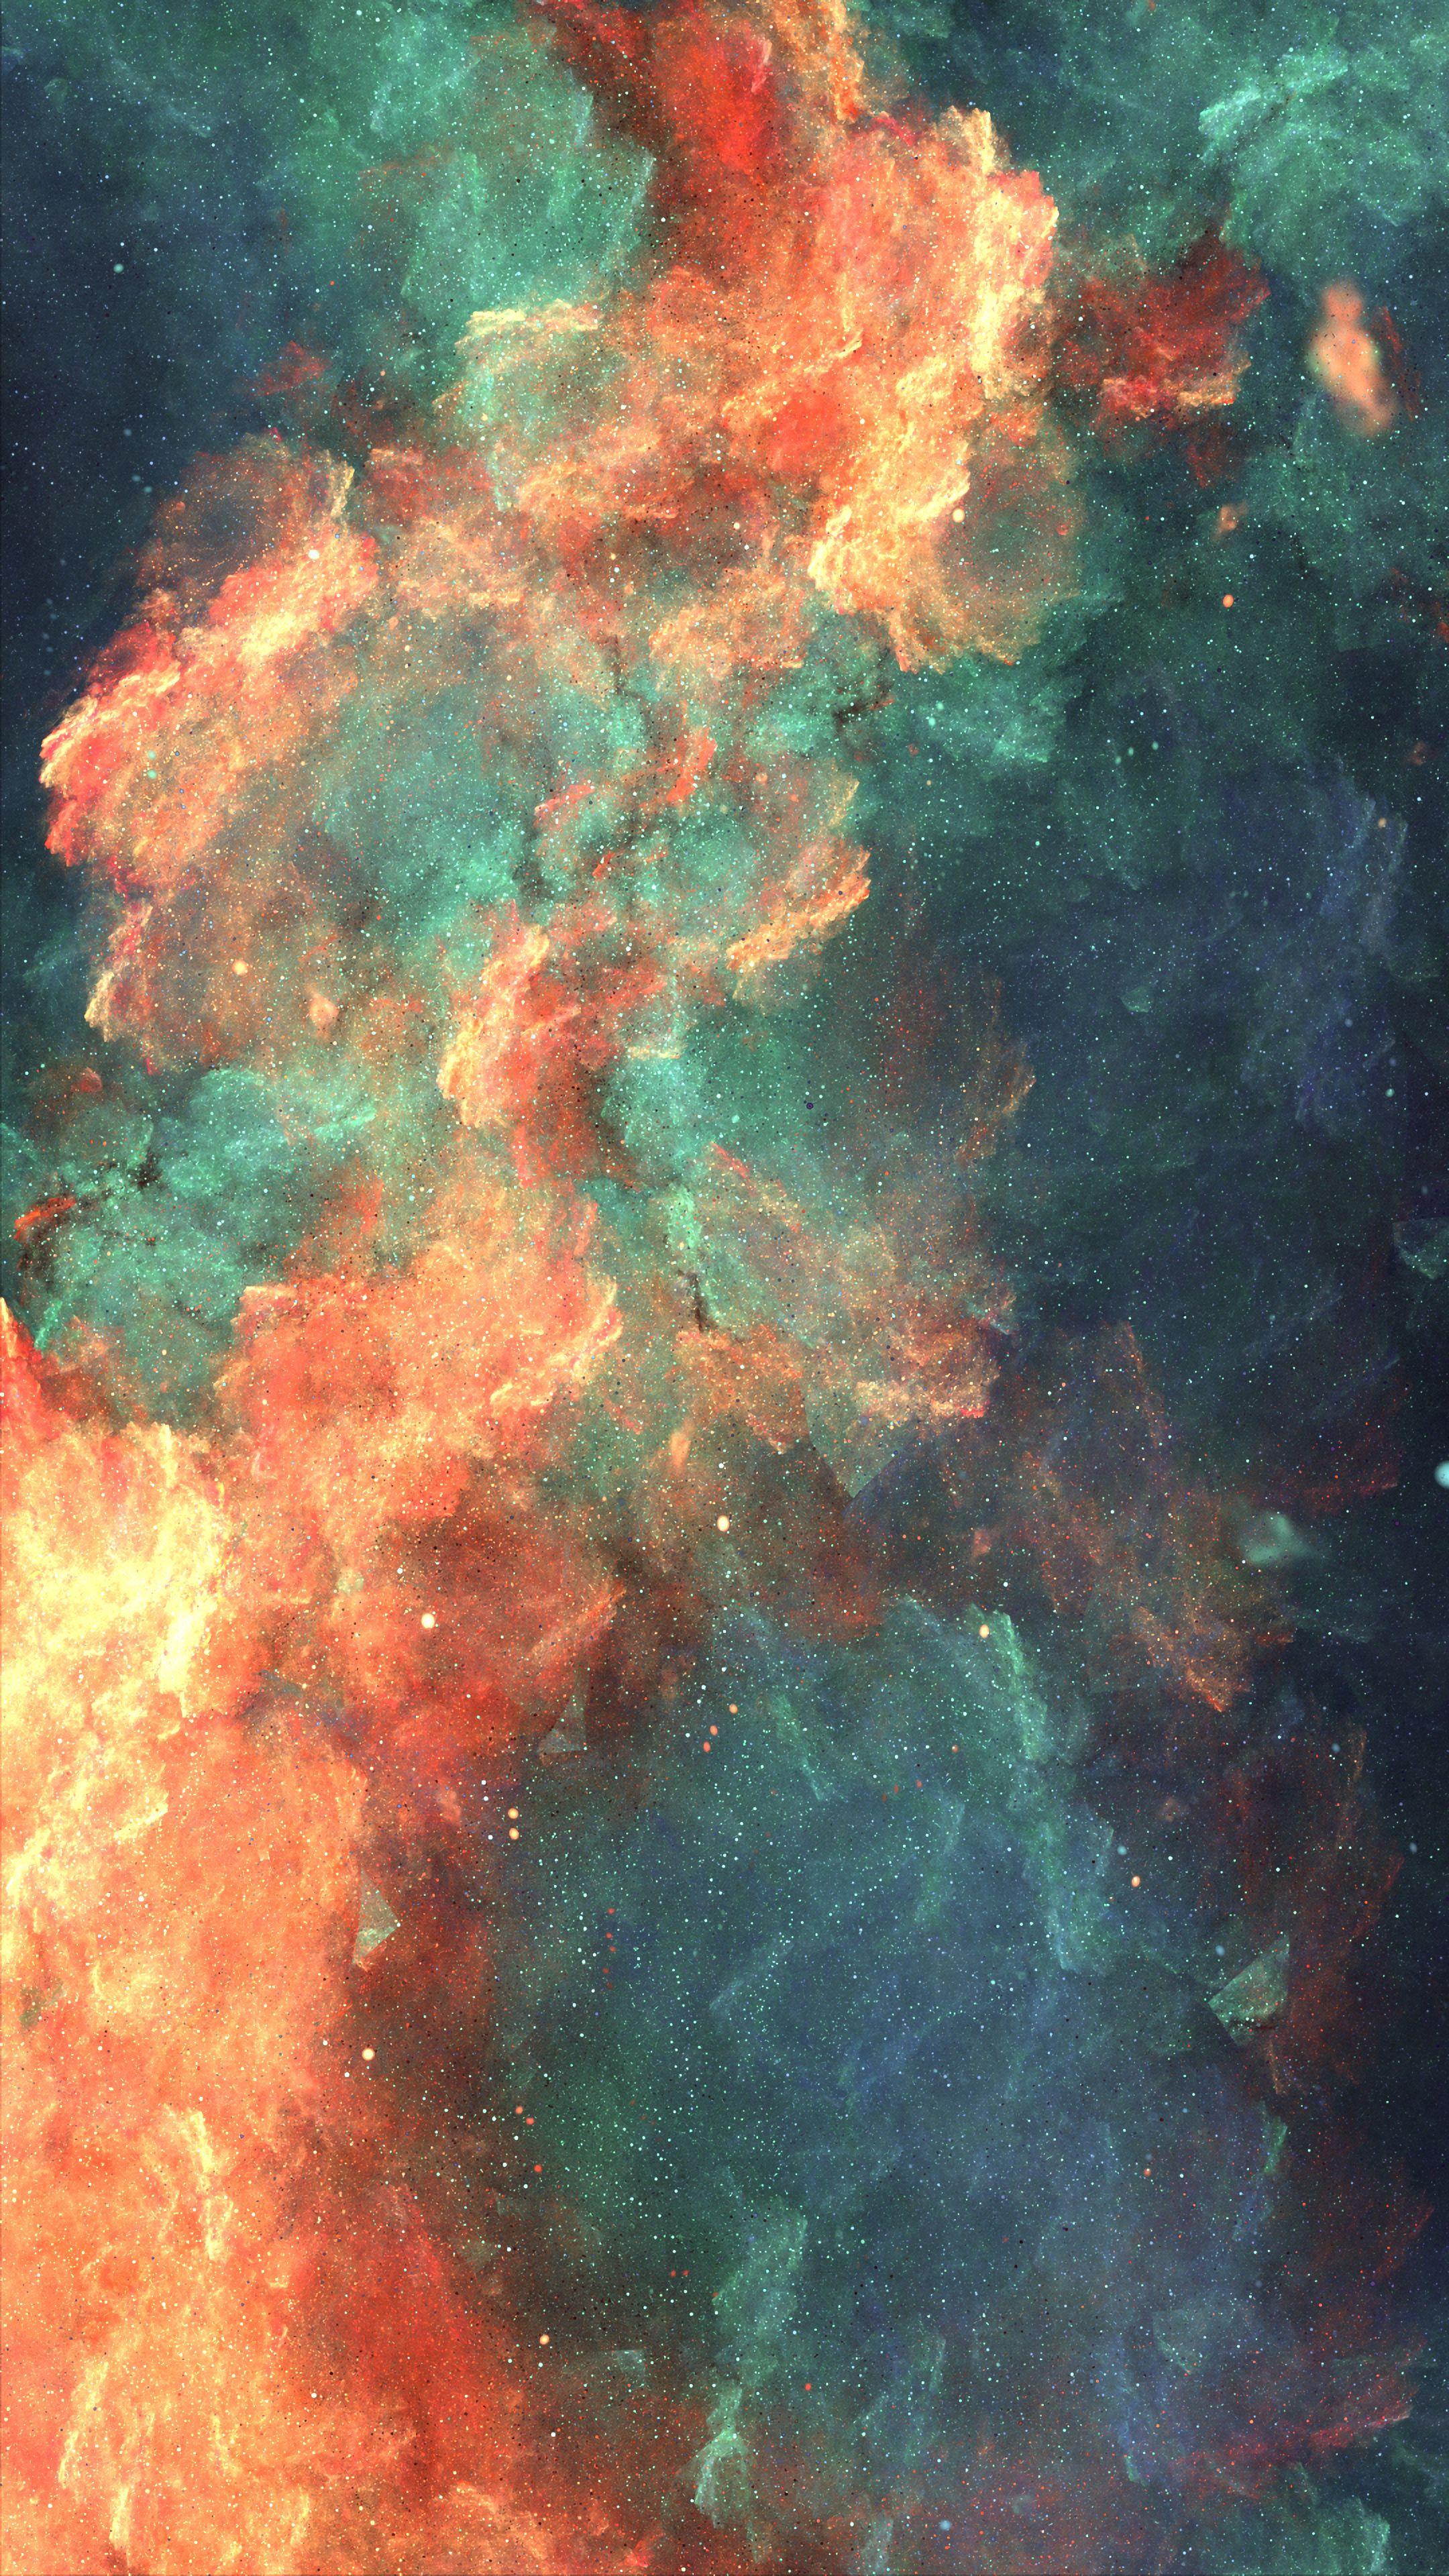 89975 免費下載壁紙 抽象, 星云, 云, 云端, 多彩多姿, 五颜六色, 火热, 火焰, 火花 屏保和圖片